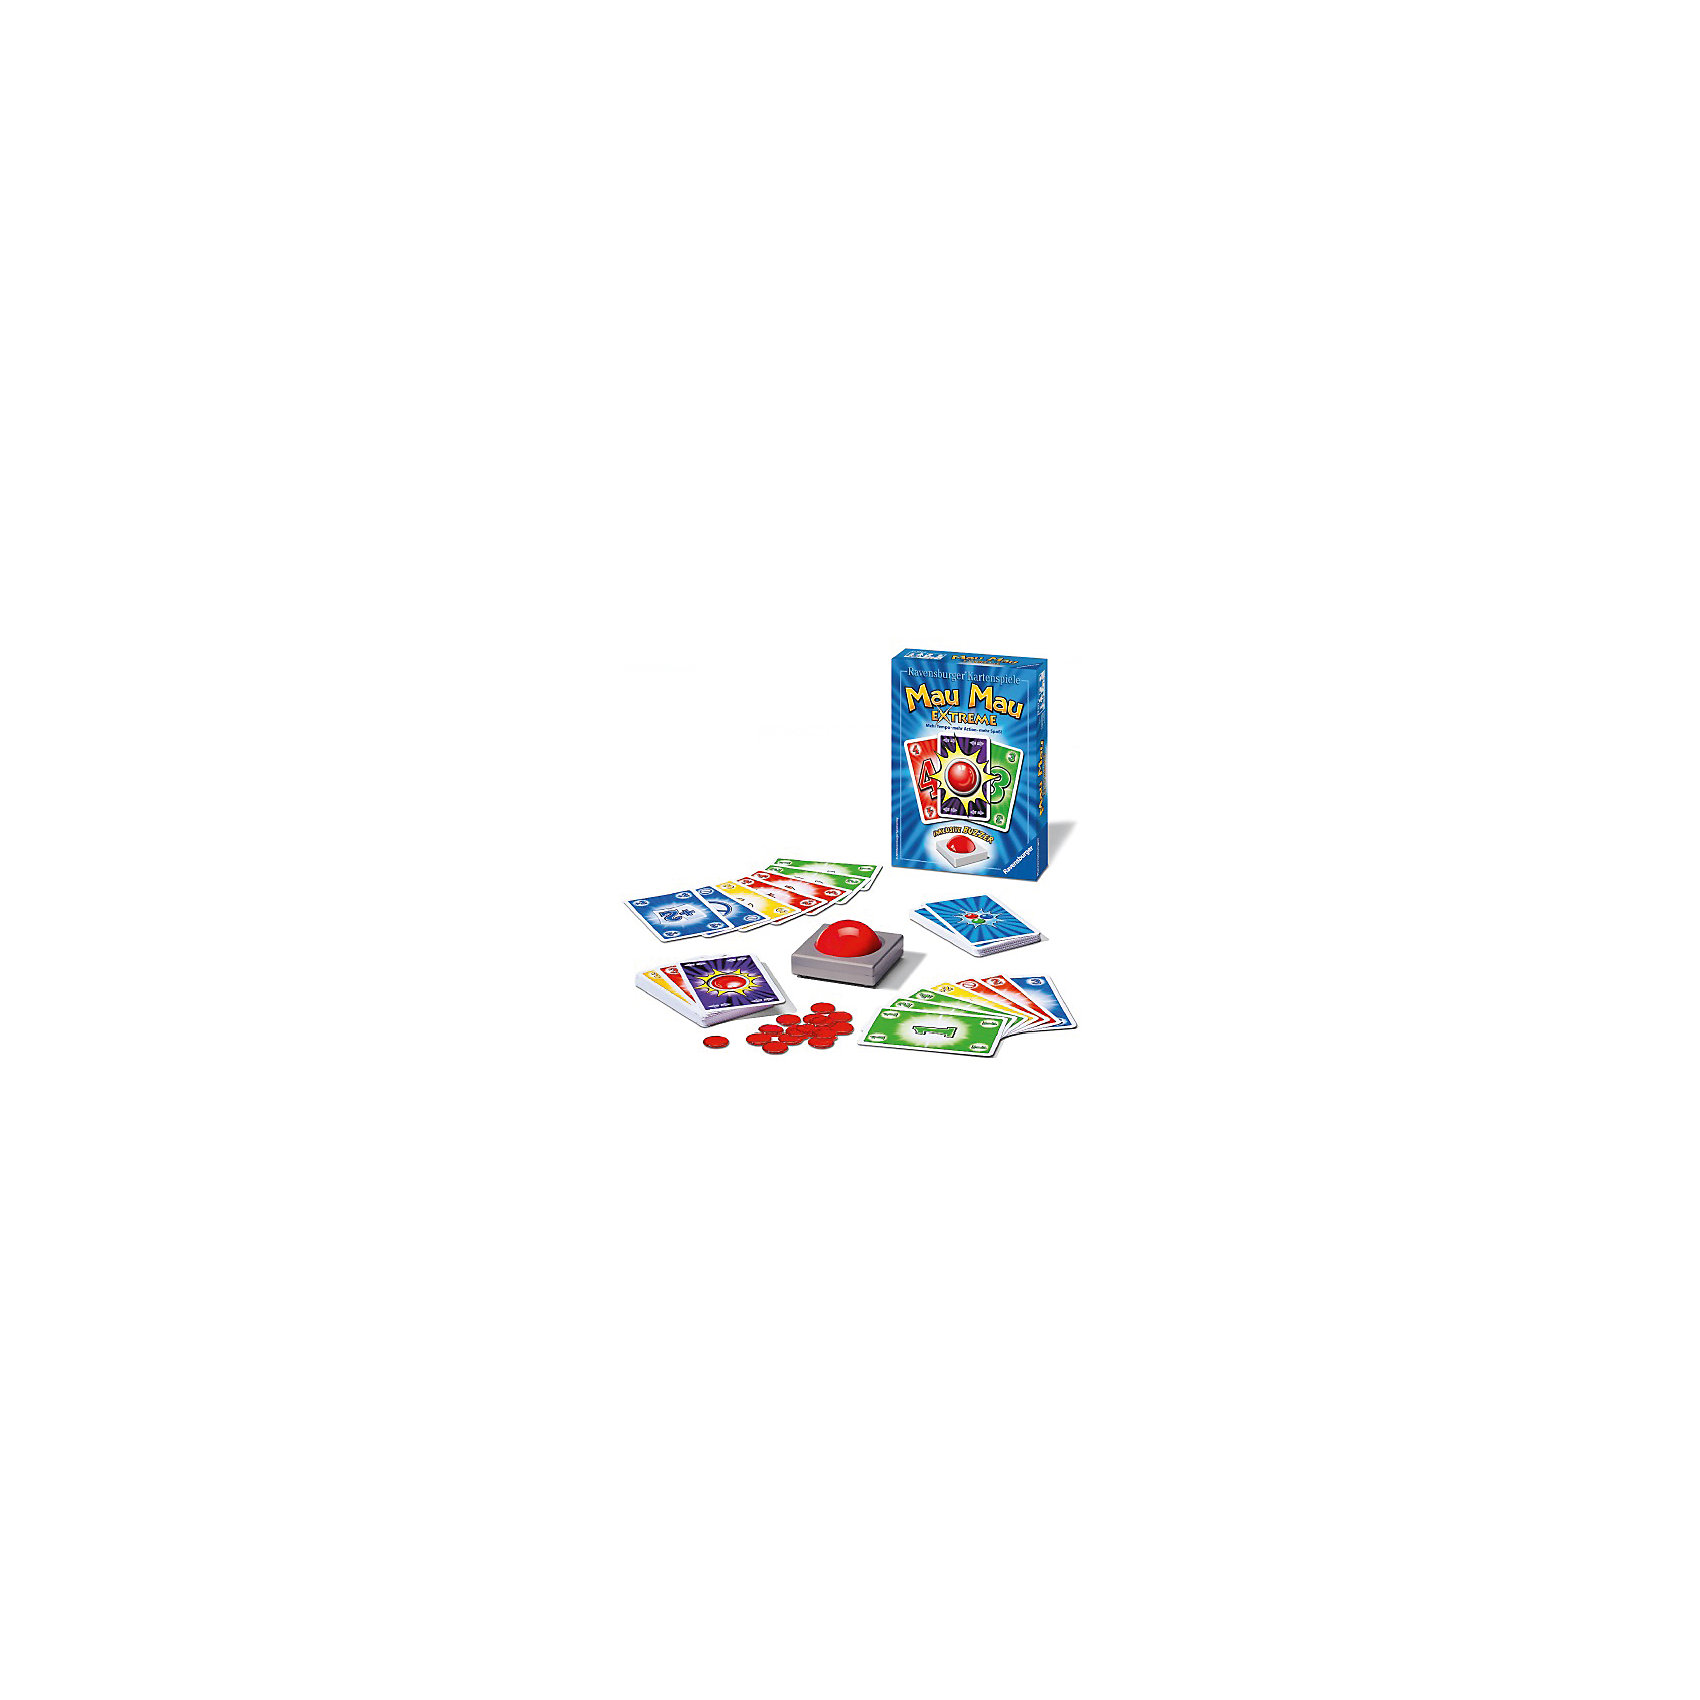 Игра Мяу - Мяу экстрим, RavensburgerИгра Мяу - Мяу экстрим, Ravensburger (Равенсбургер) – это увлекательная и захватывающая карточная игра для всей семьи!<br>Больше темпа – больше удовольствия! В этой классической карточной игре с новой изюминкой Вы должны не только класть подходящие карты друг на друга, но и прилежно «звонить». Только бдительный, прилежно нажимающий на кнопку зуммера, игрок первым избавится от всех своих карт. В «Мяу Мяу Экстрим» побеждает игрок, выигравший три раунда. Соревнуясь друг с другом в настольной игре Мяу-Мяу Экстрим (Ravensburger), у детей развивается логическое мышление, быстрота реакции, внимательность, аналитические способности.<br><br>Дополнительная информация:<br><br>- В комплекте: 60 игральных карт, зуммер, 12 фишек, инструкция<br>- Материал: картон, пластик<br>- Количество игроков: от 2 до 6 человек<br>- Продолжительность игры: 20 мин.<br>- Размер коробки: 18 х 13 x 4 см.<br><br>Игру Мяу - Мяу экстрим, Ravensburger (Равенсбургер) можно купить в нашем интернет-магазине.<br><br>Ширина мм: 130<br>Глубина мм: 180<br>Высота мм: 39<br>Вес г: 0<br>Возраст от месяцев: 72<br>Возраст до месяцев: 144<br>Пол: Унисекс<br>Возраст: Детский<br>SKU: 4214573